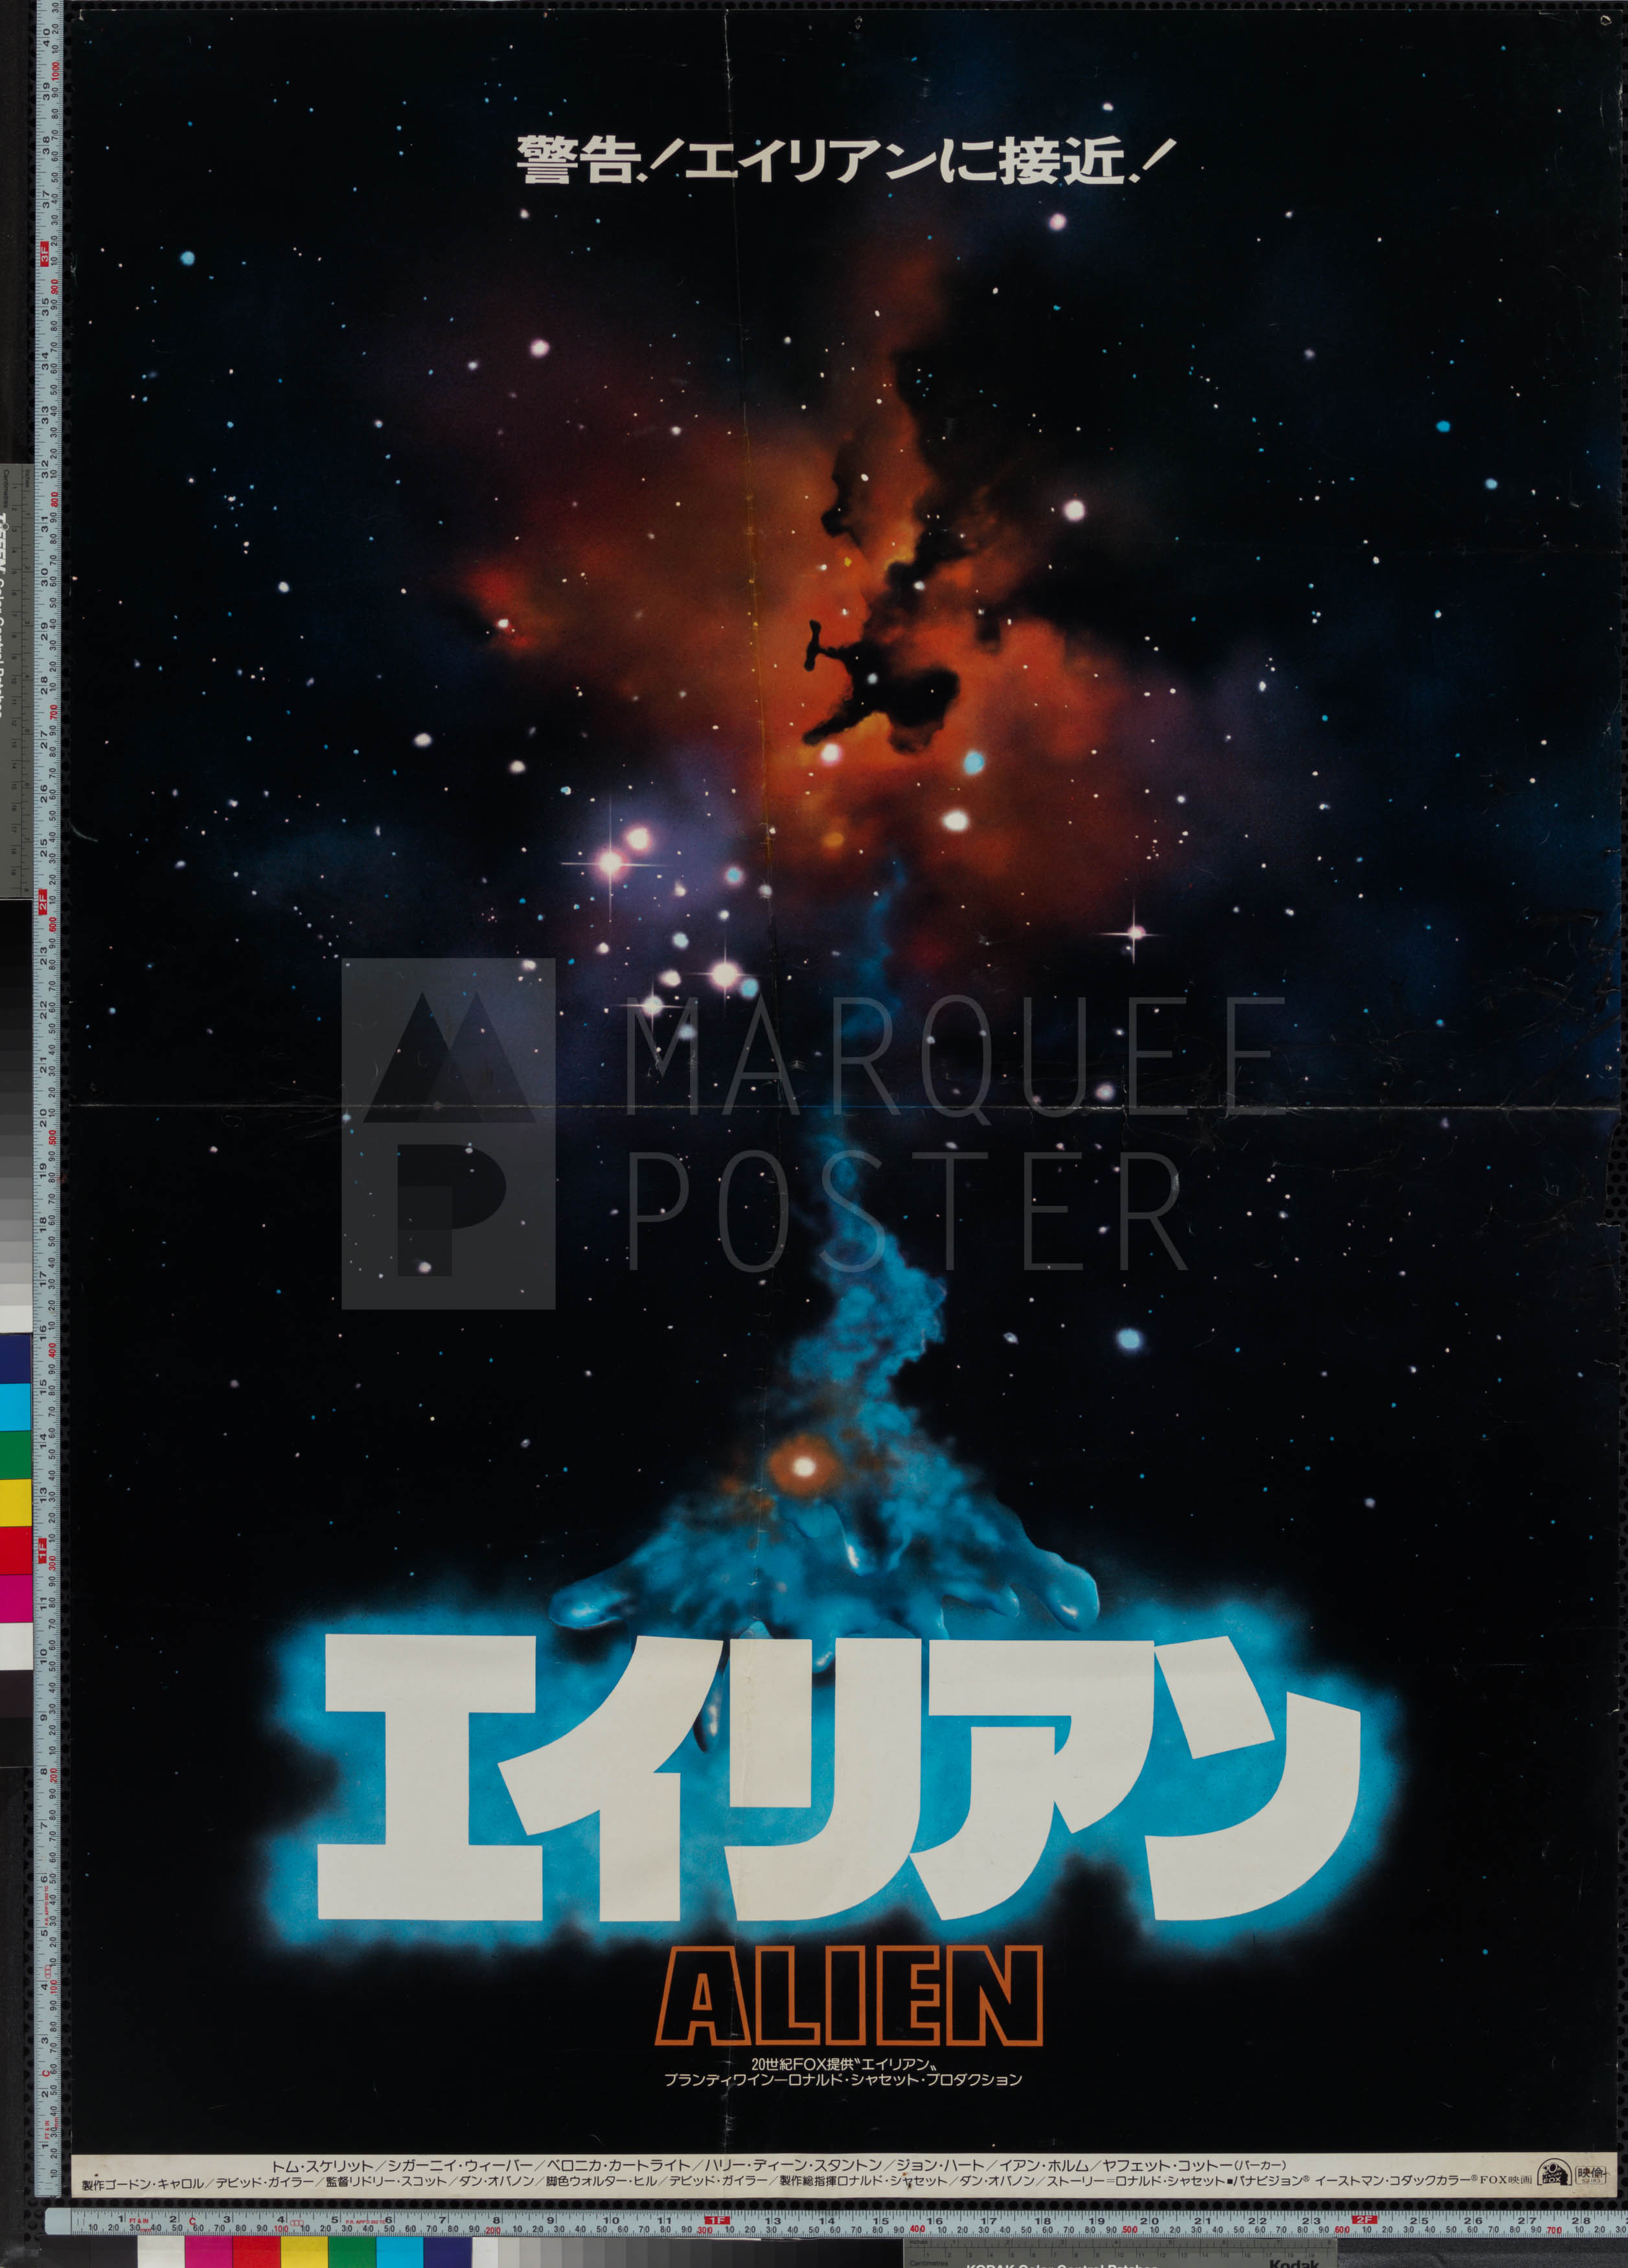 49-alien-teaser-japanese-b1-1979-02